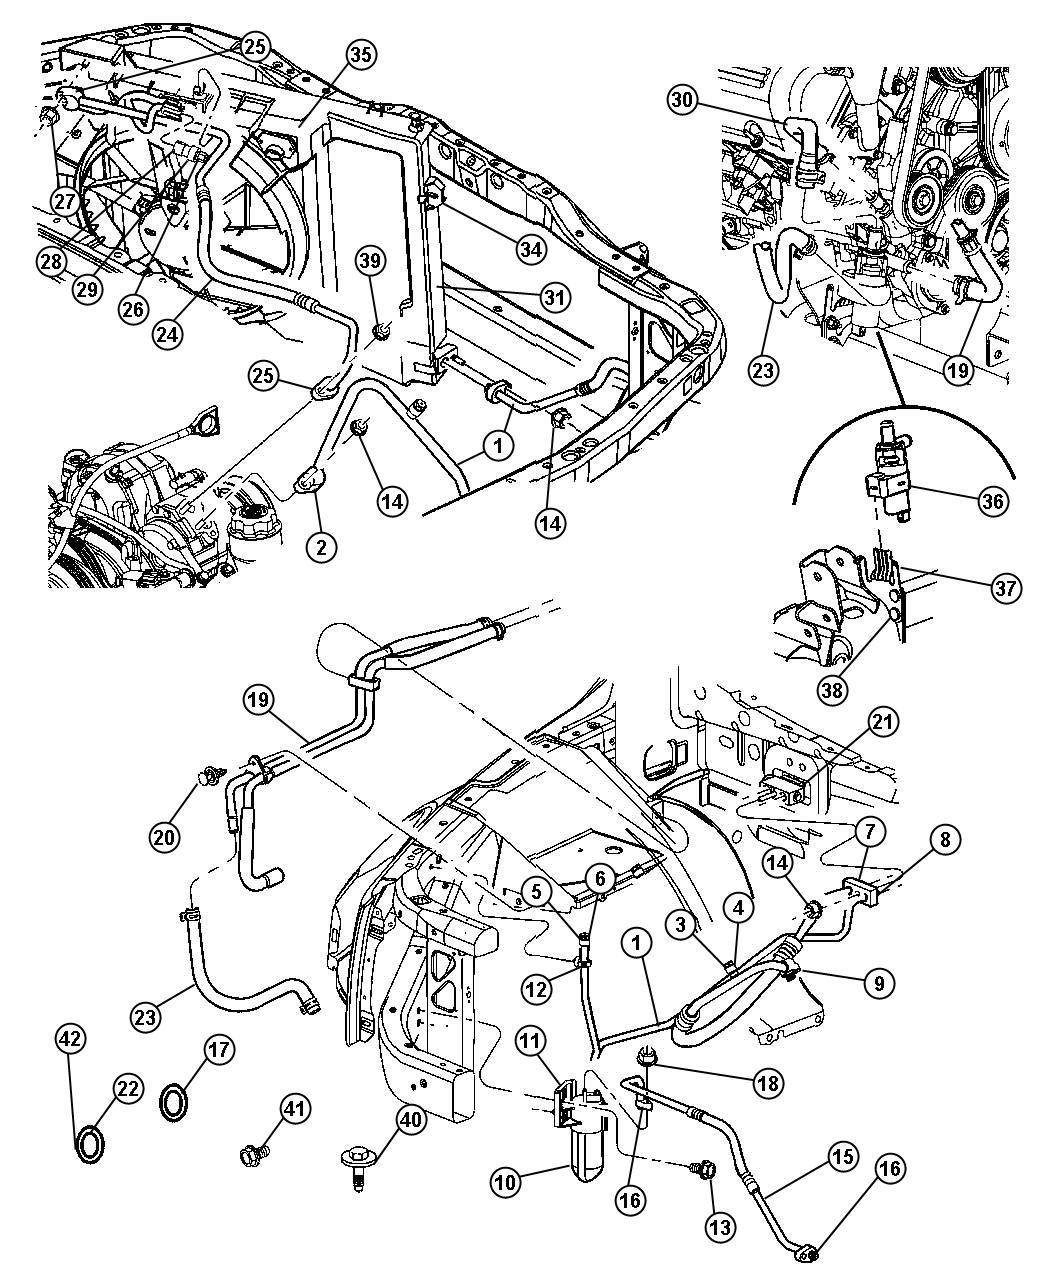 Chrysler Aspen Drier Air Conditioning Filter Heater Rear Plumbing